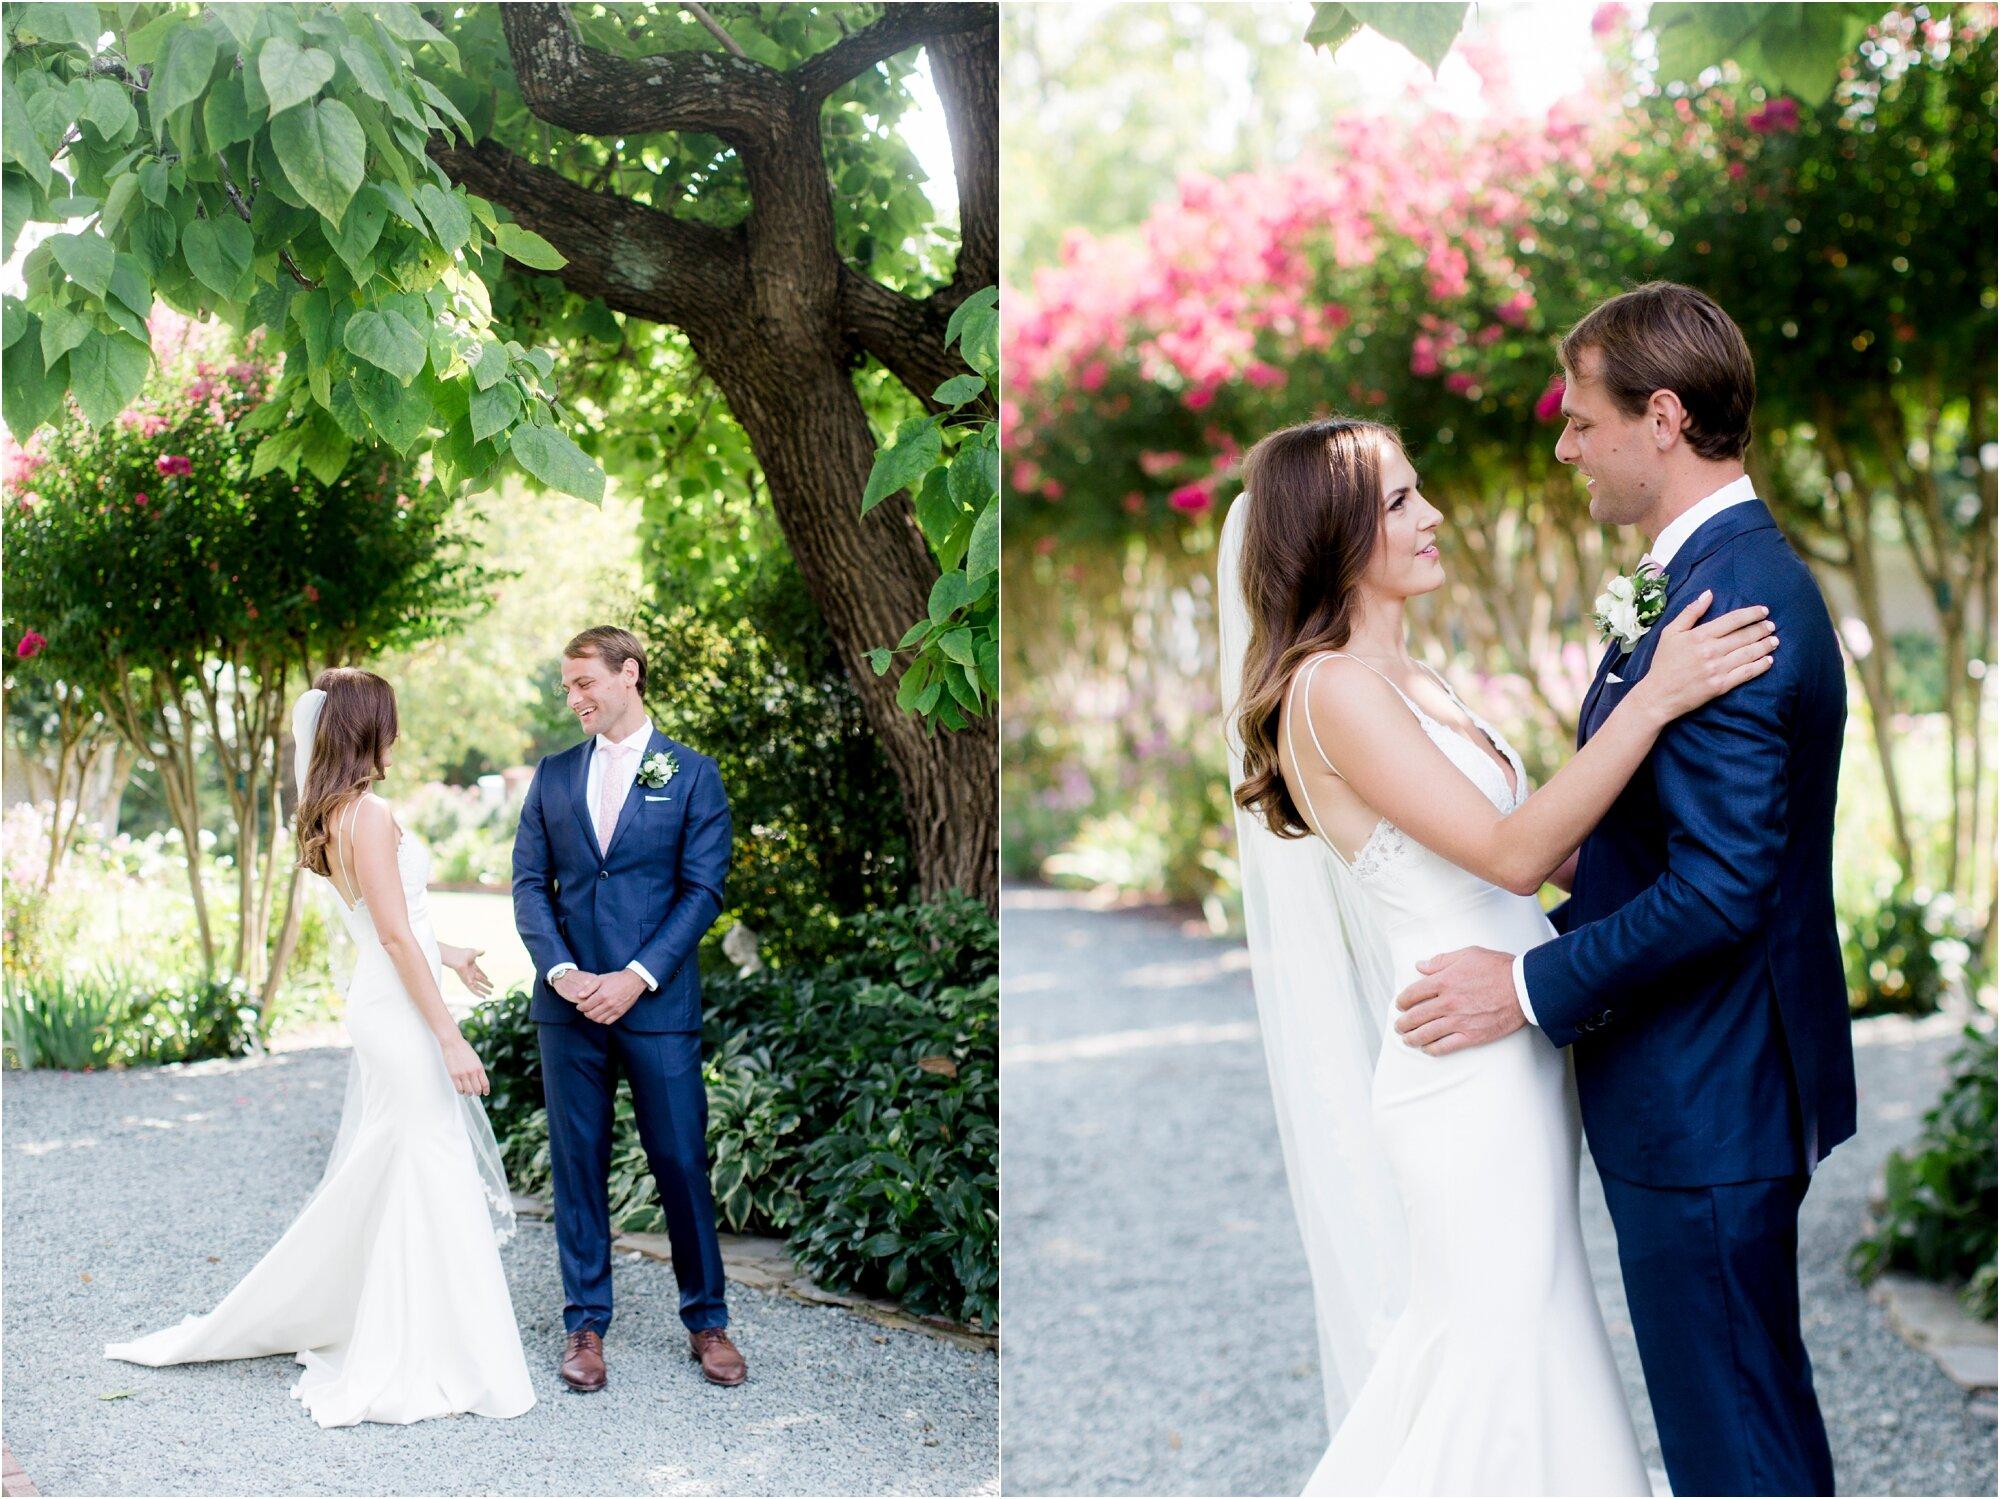 jane-tom-clifton-inn-charlottesville-wedding-_0009.jpg